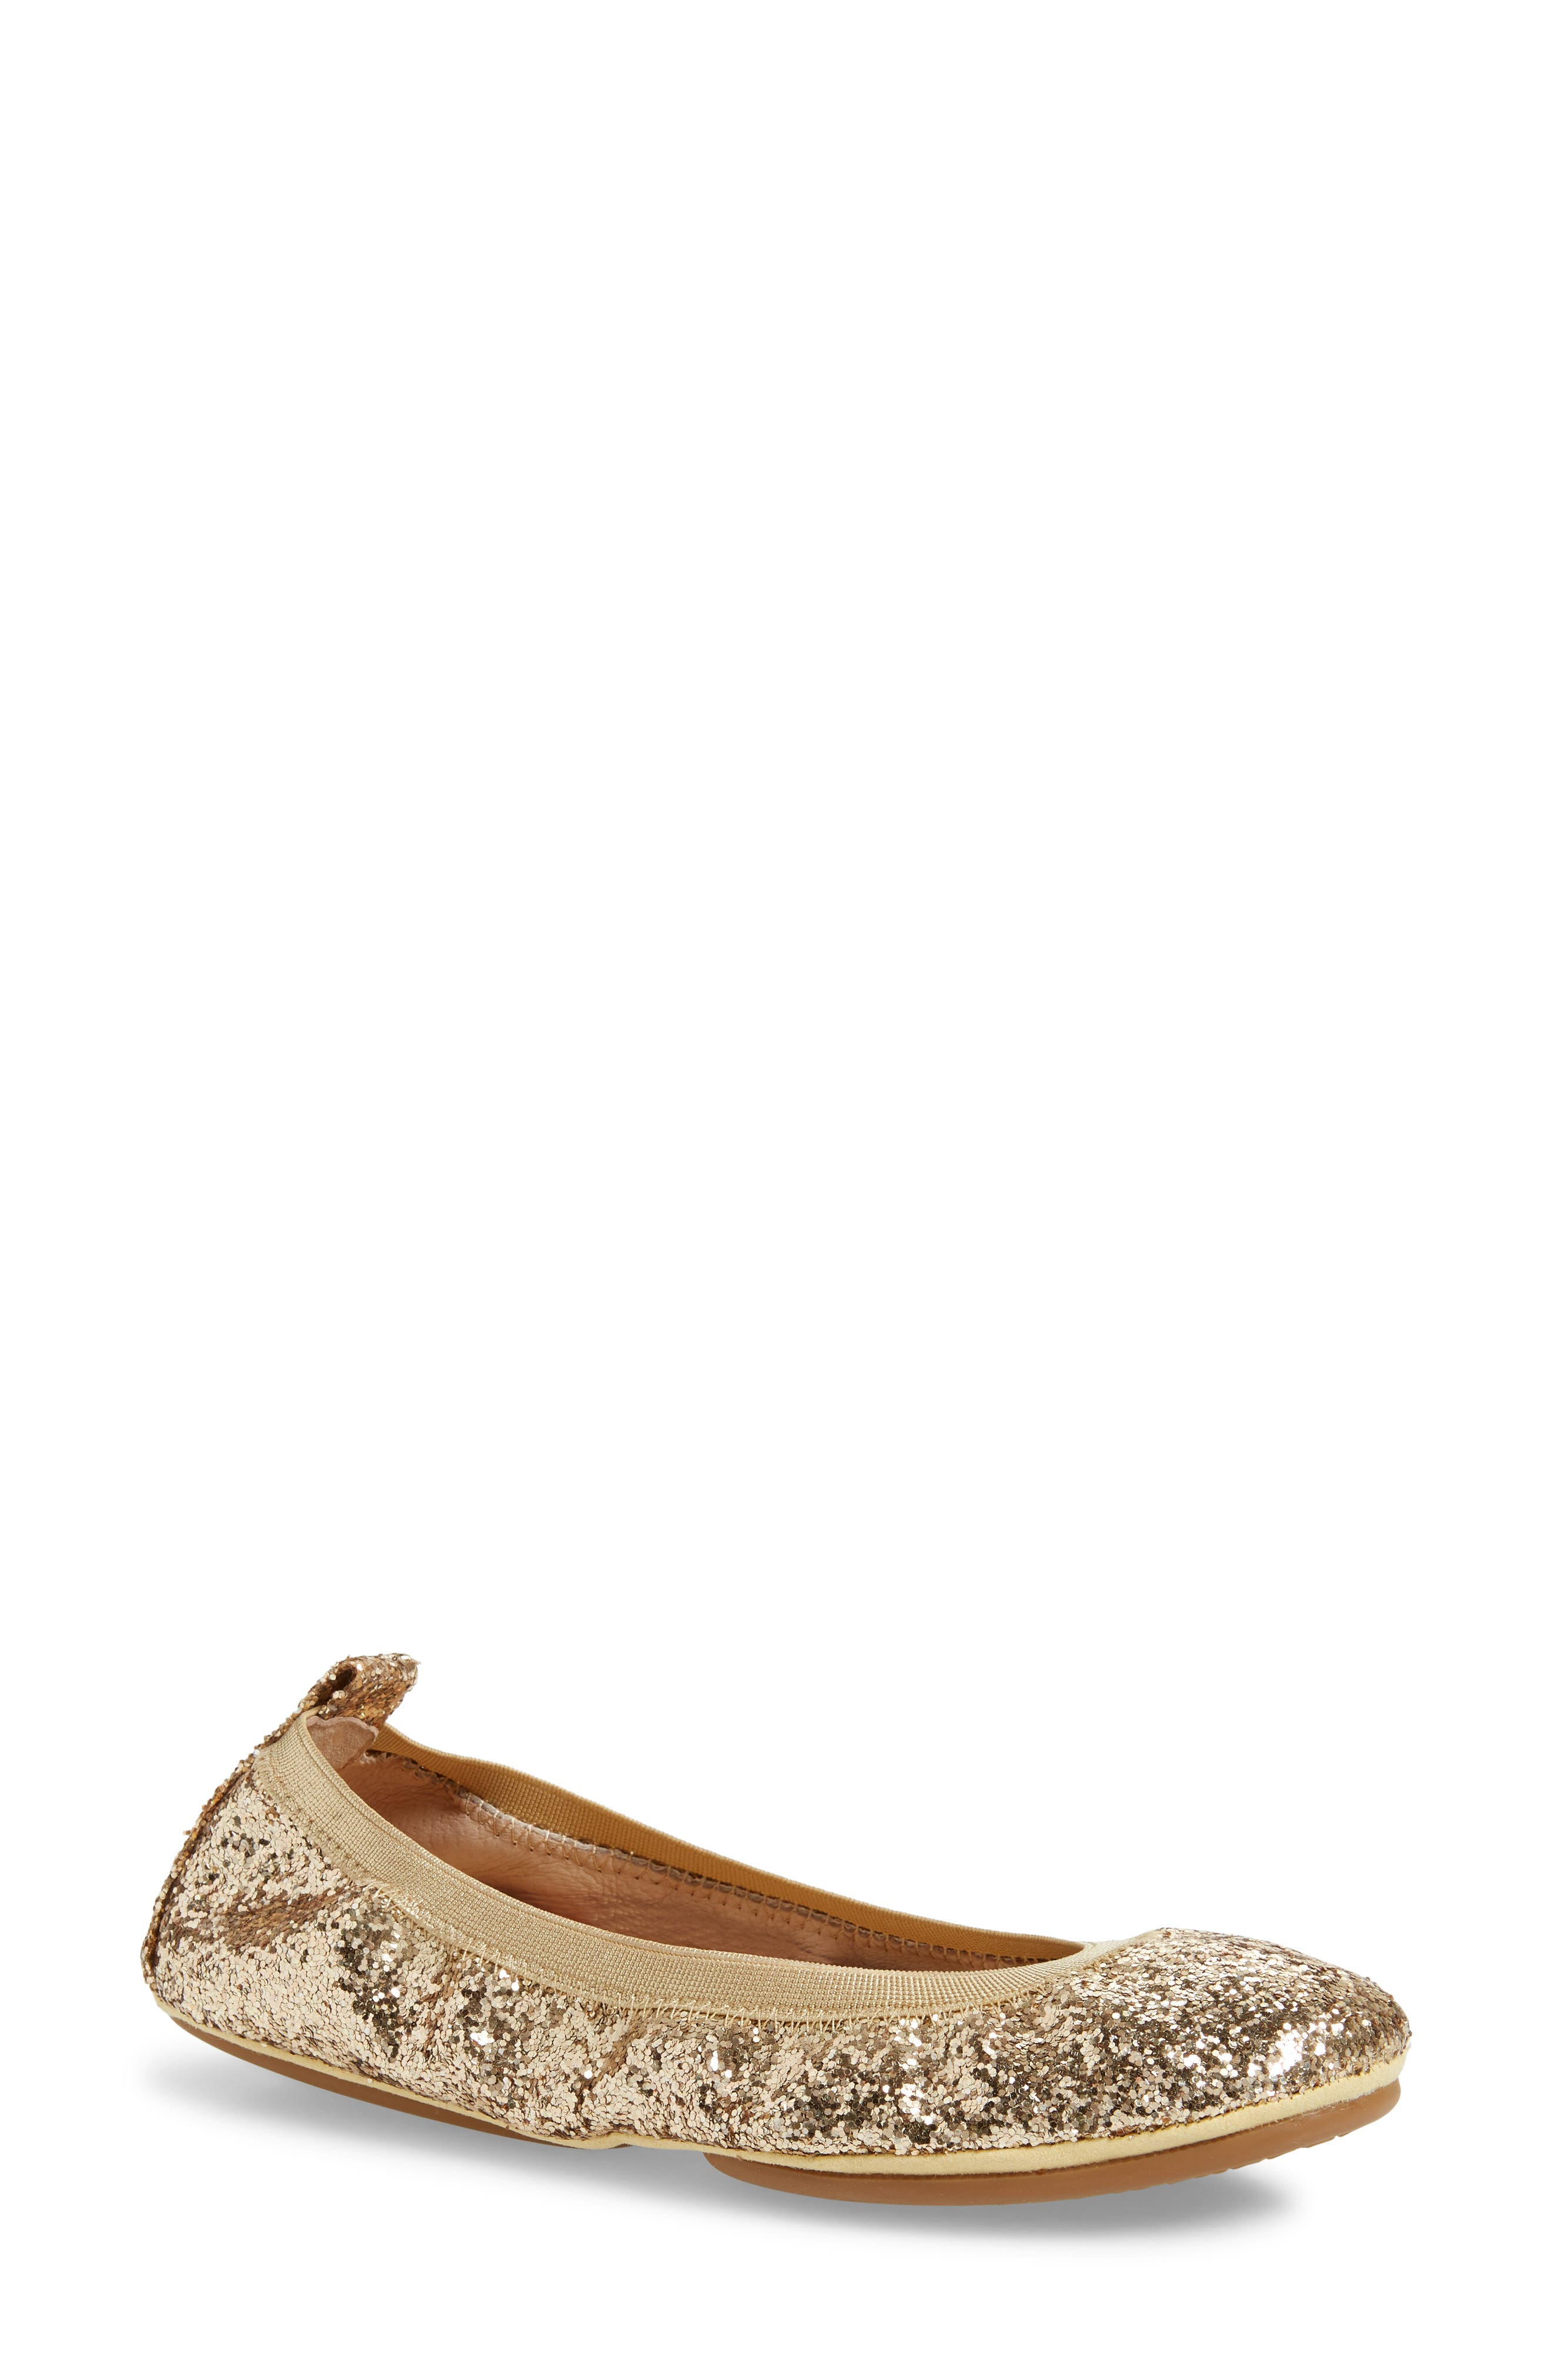 YOSI SAMRA Samara Foldable Ballet Flat in Champagne Glitter